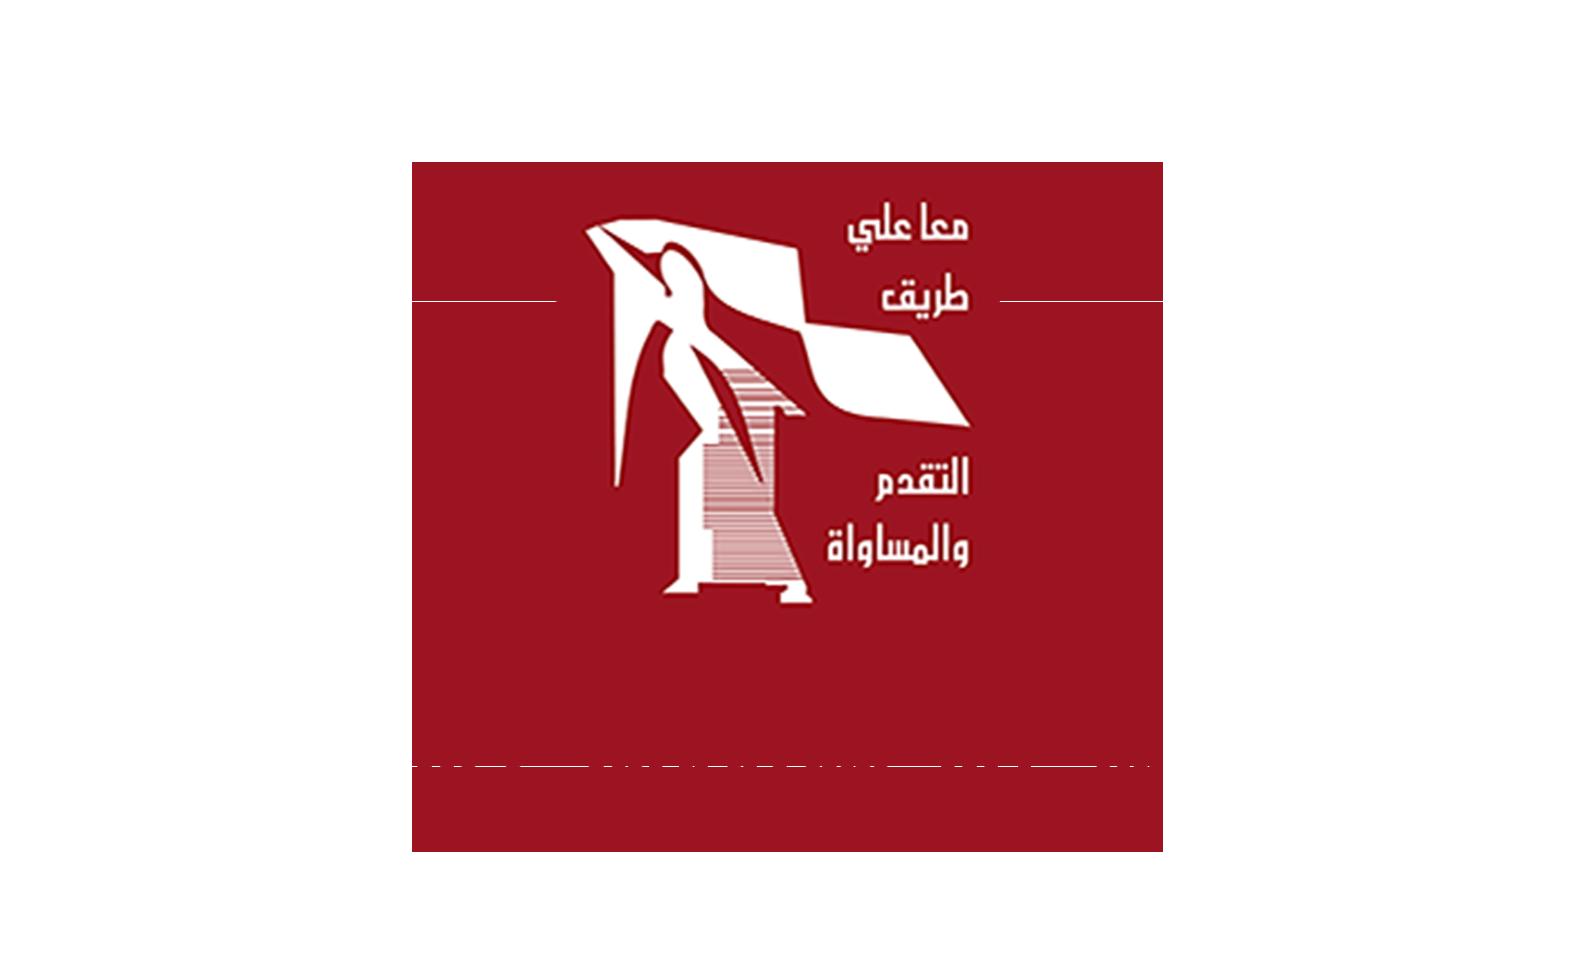 حماية وتعزيز قدرات النساء والفتيات المتضررات من مسيرات العودة الكبرى في قطاع غزة.